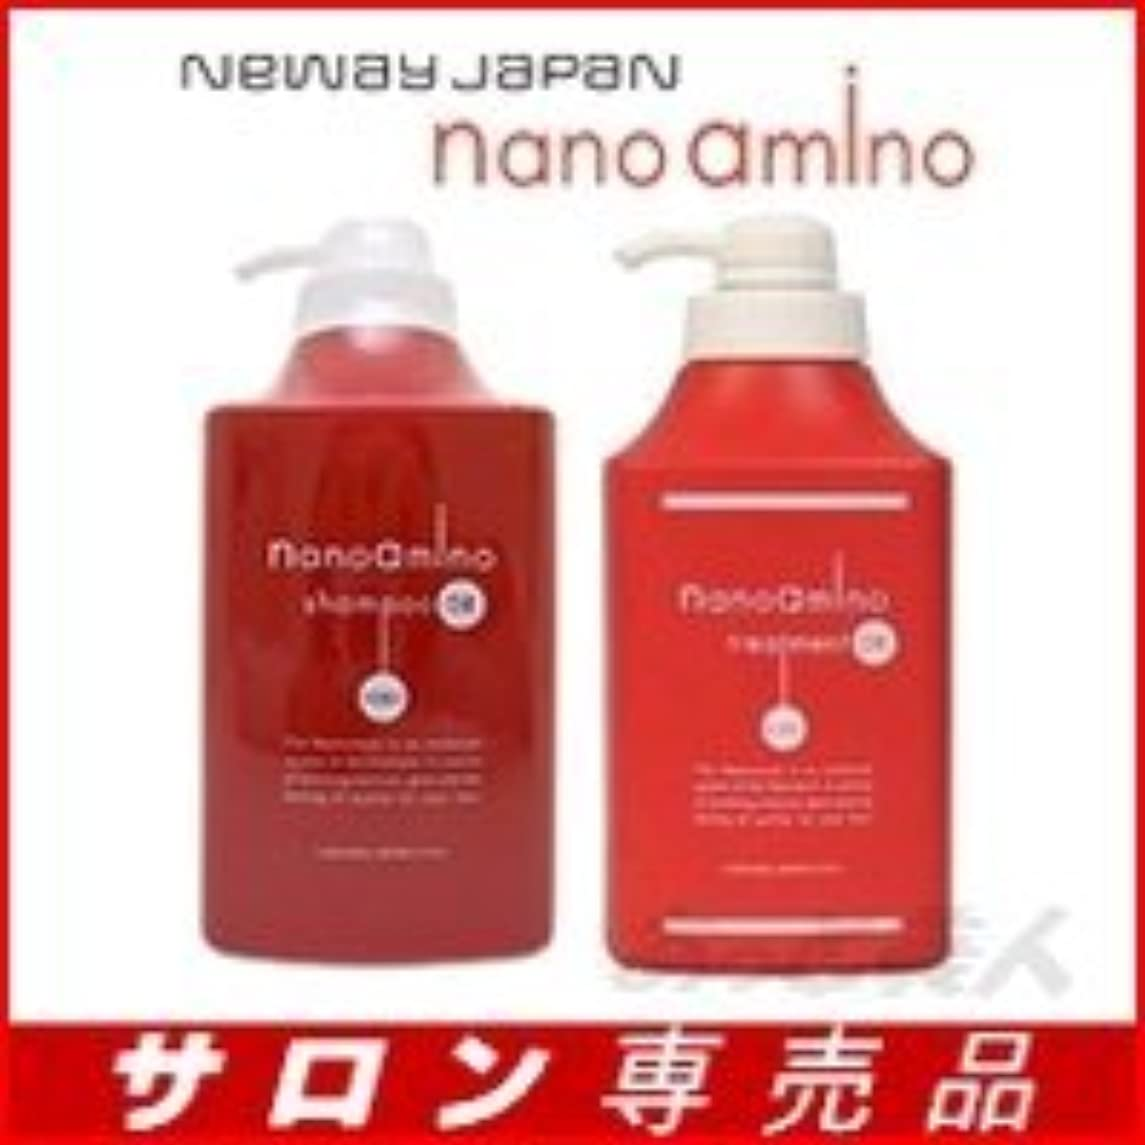 ジェムタイルピカソニューウェイジャパン ナノアミノ シャンプーDR1000mlポンプ&トリートメントDR1000gポンプセット